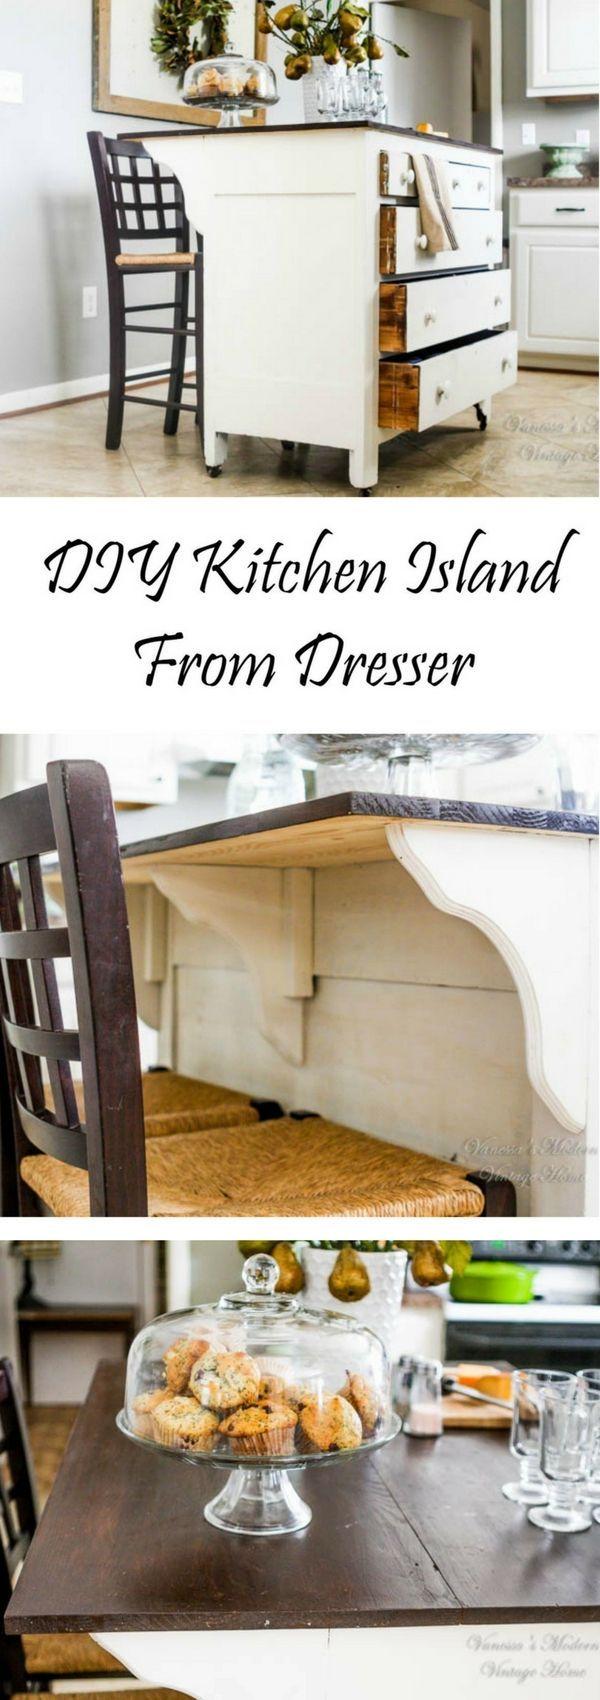 15 einfache DIY-Kücheninseln, die Sie mit einem Budget aufbauen können – wie man eine #DIY baut